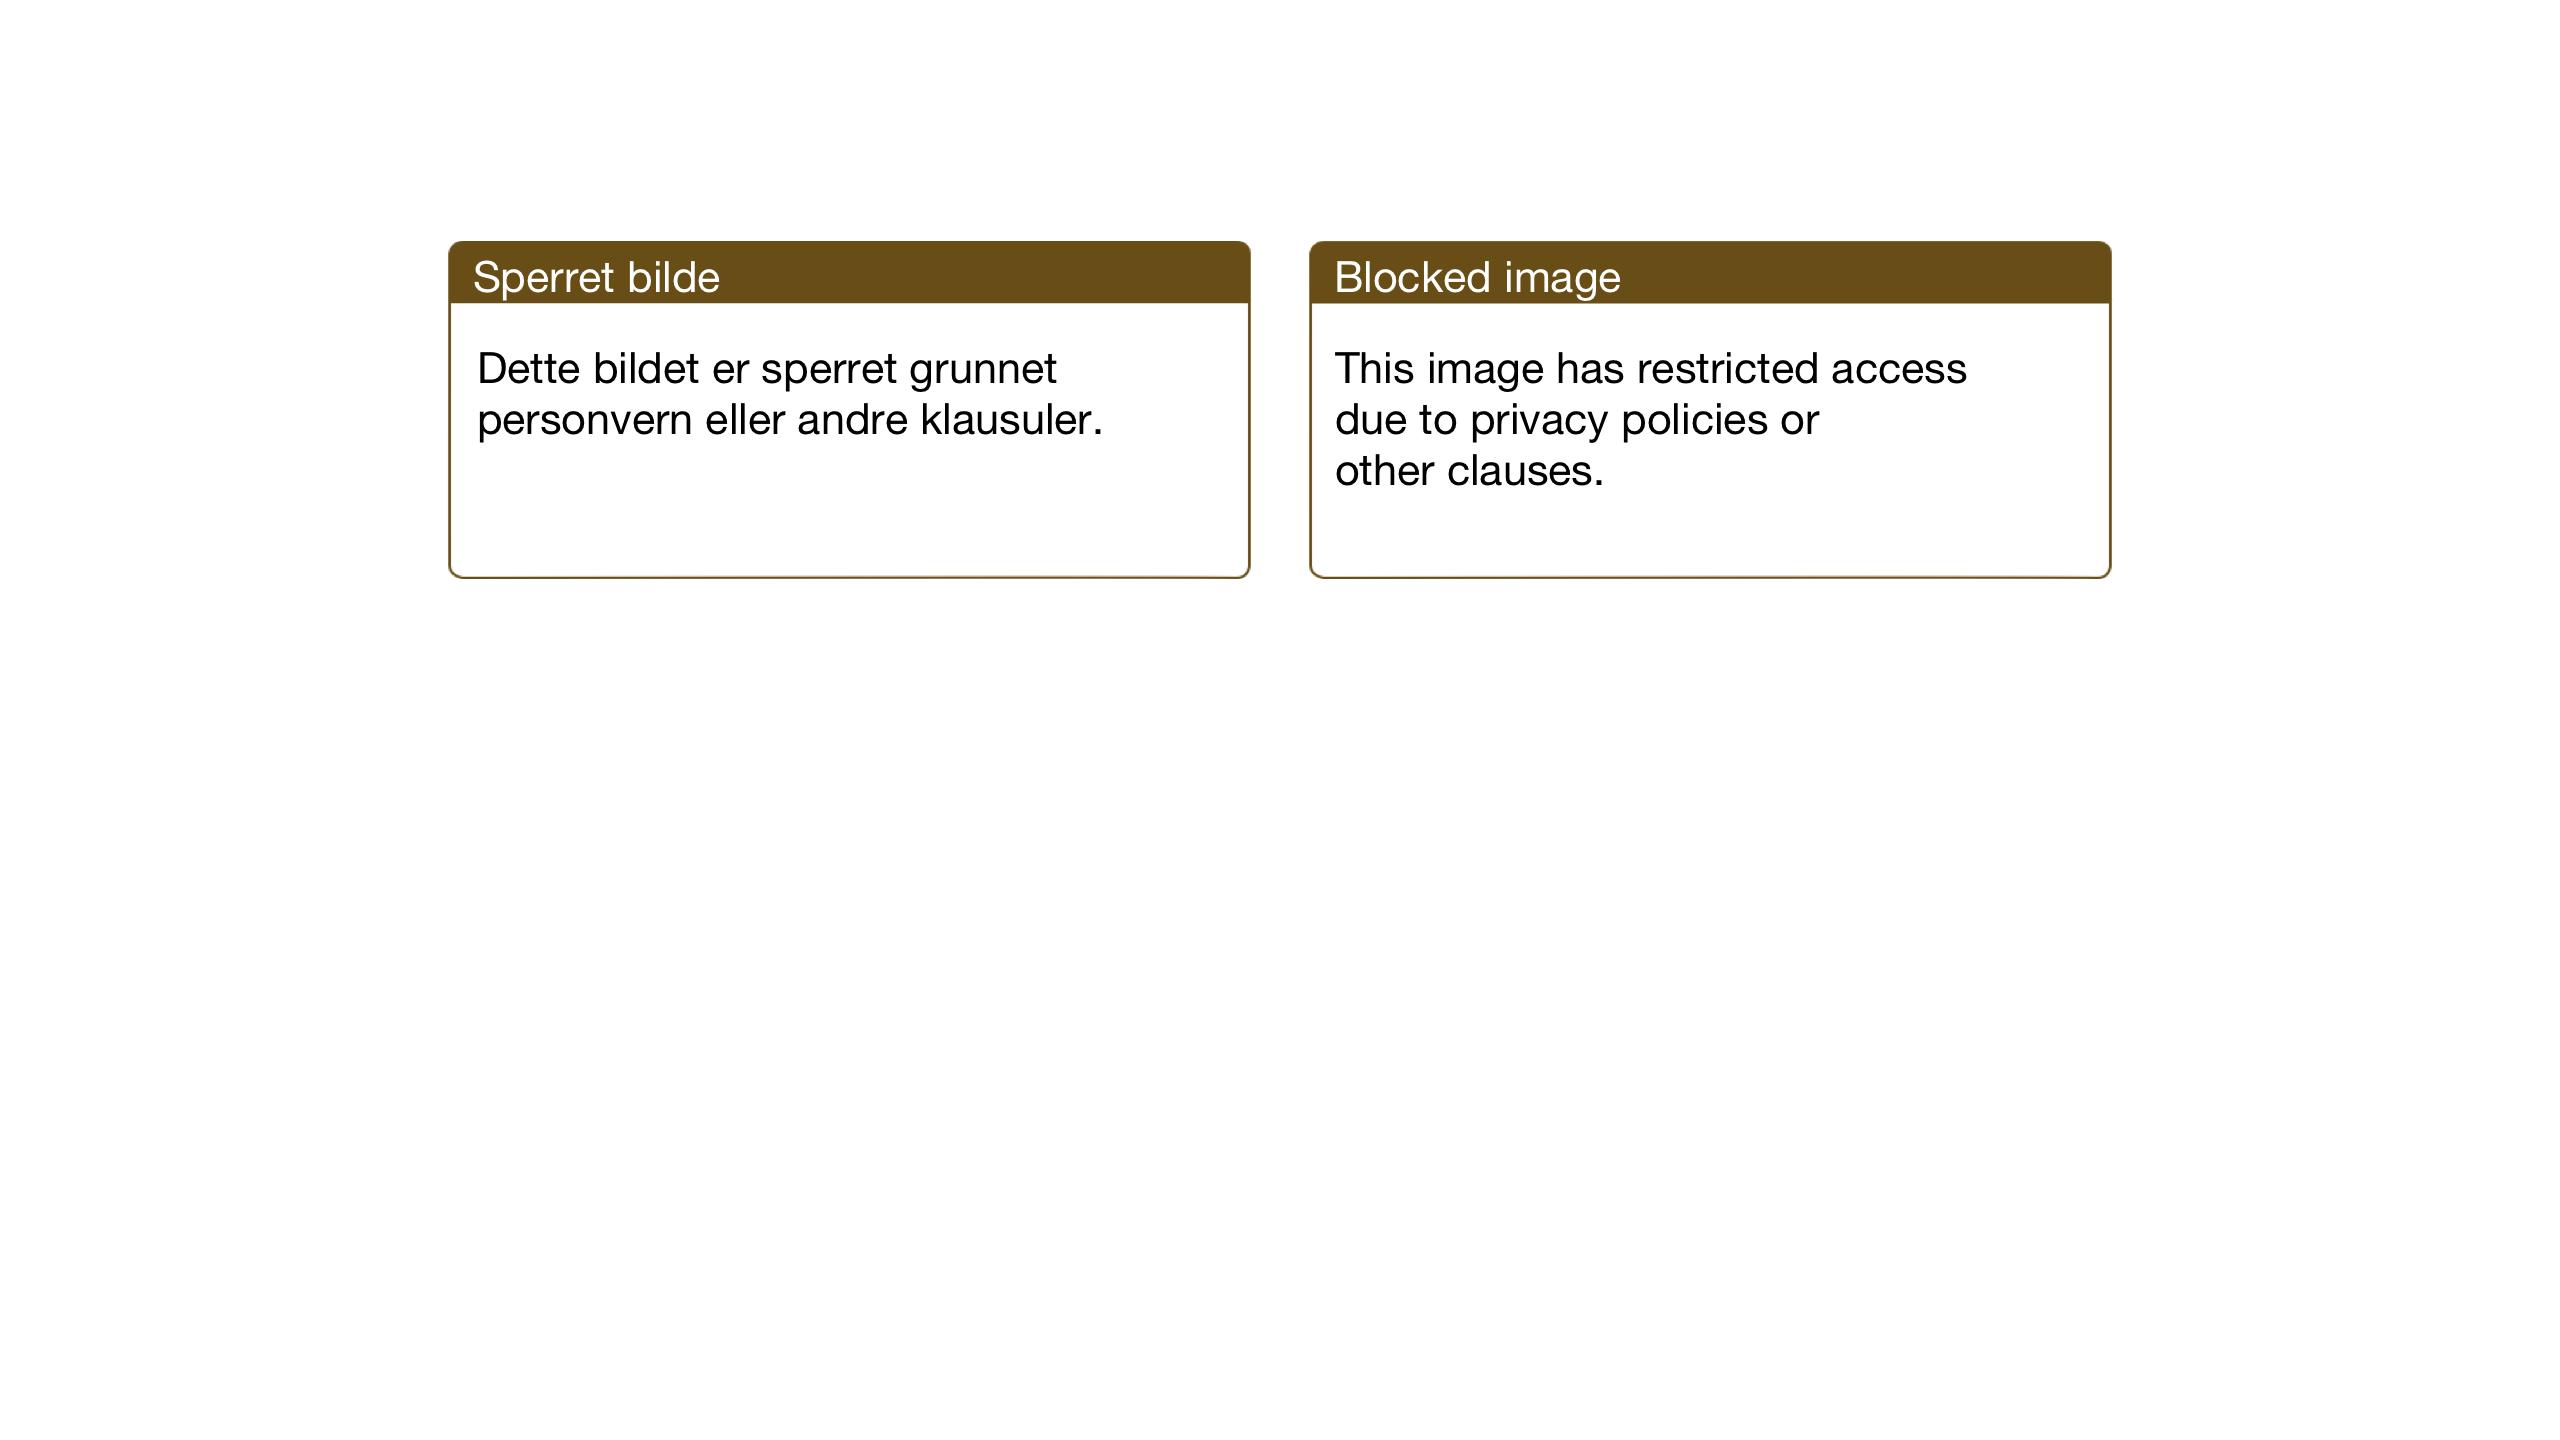 SAT, Ministerialprotokoller, klokkerbøker og fødselsregistre - Nord-Trøndelag, 755/L0500: Klokkerbok nr. 755C01, 1920-1962, s. 80